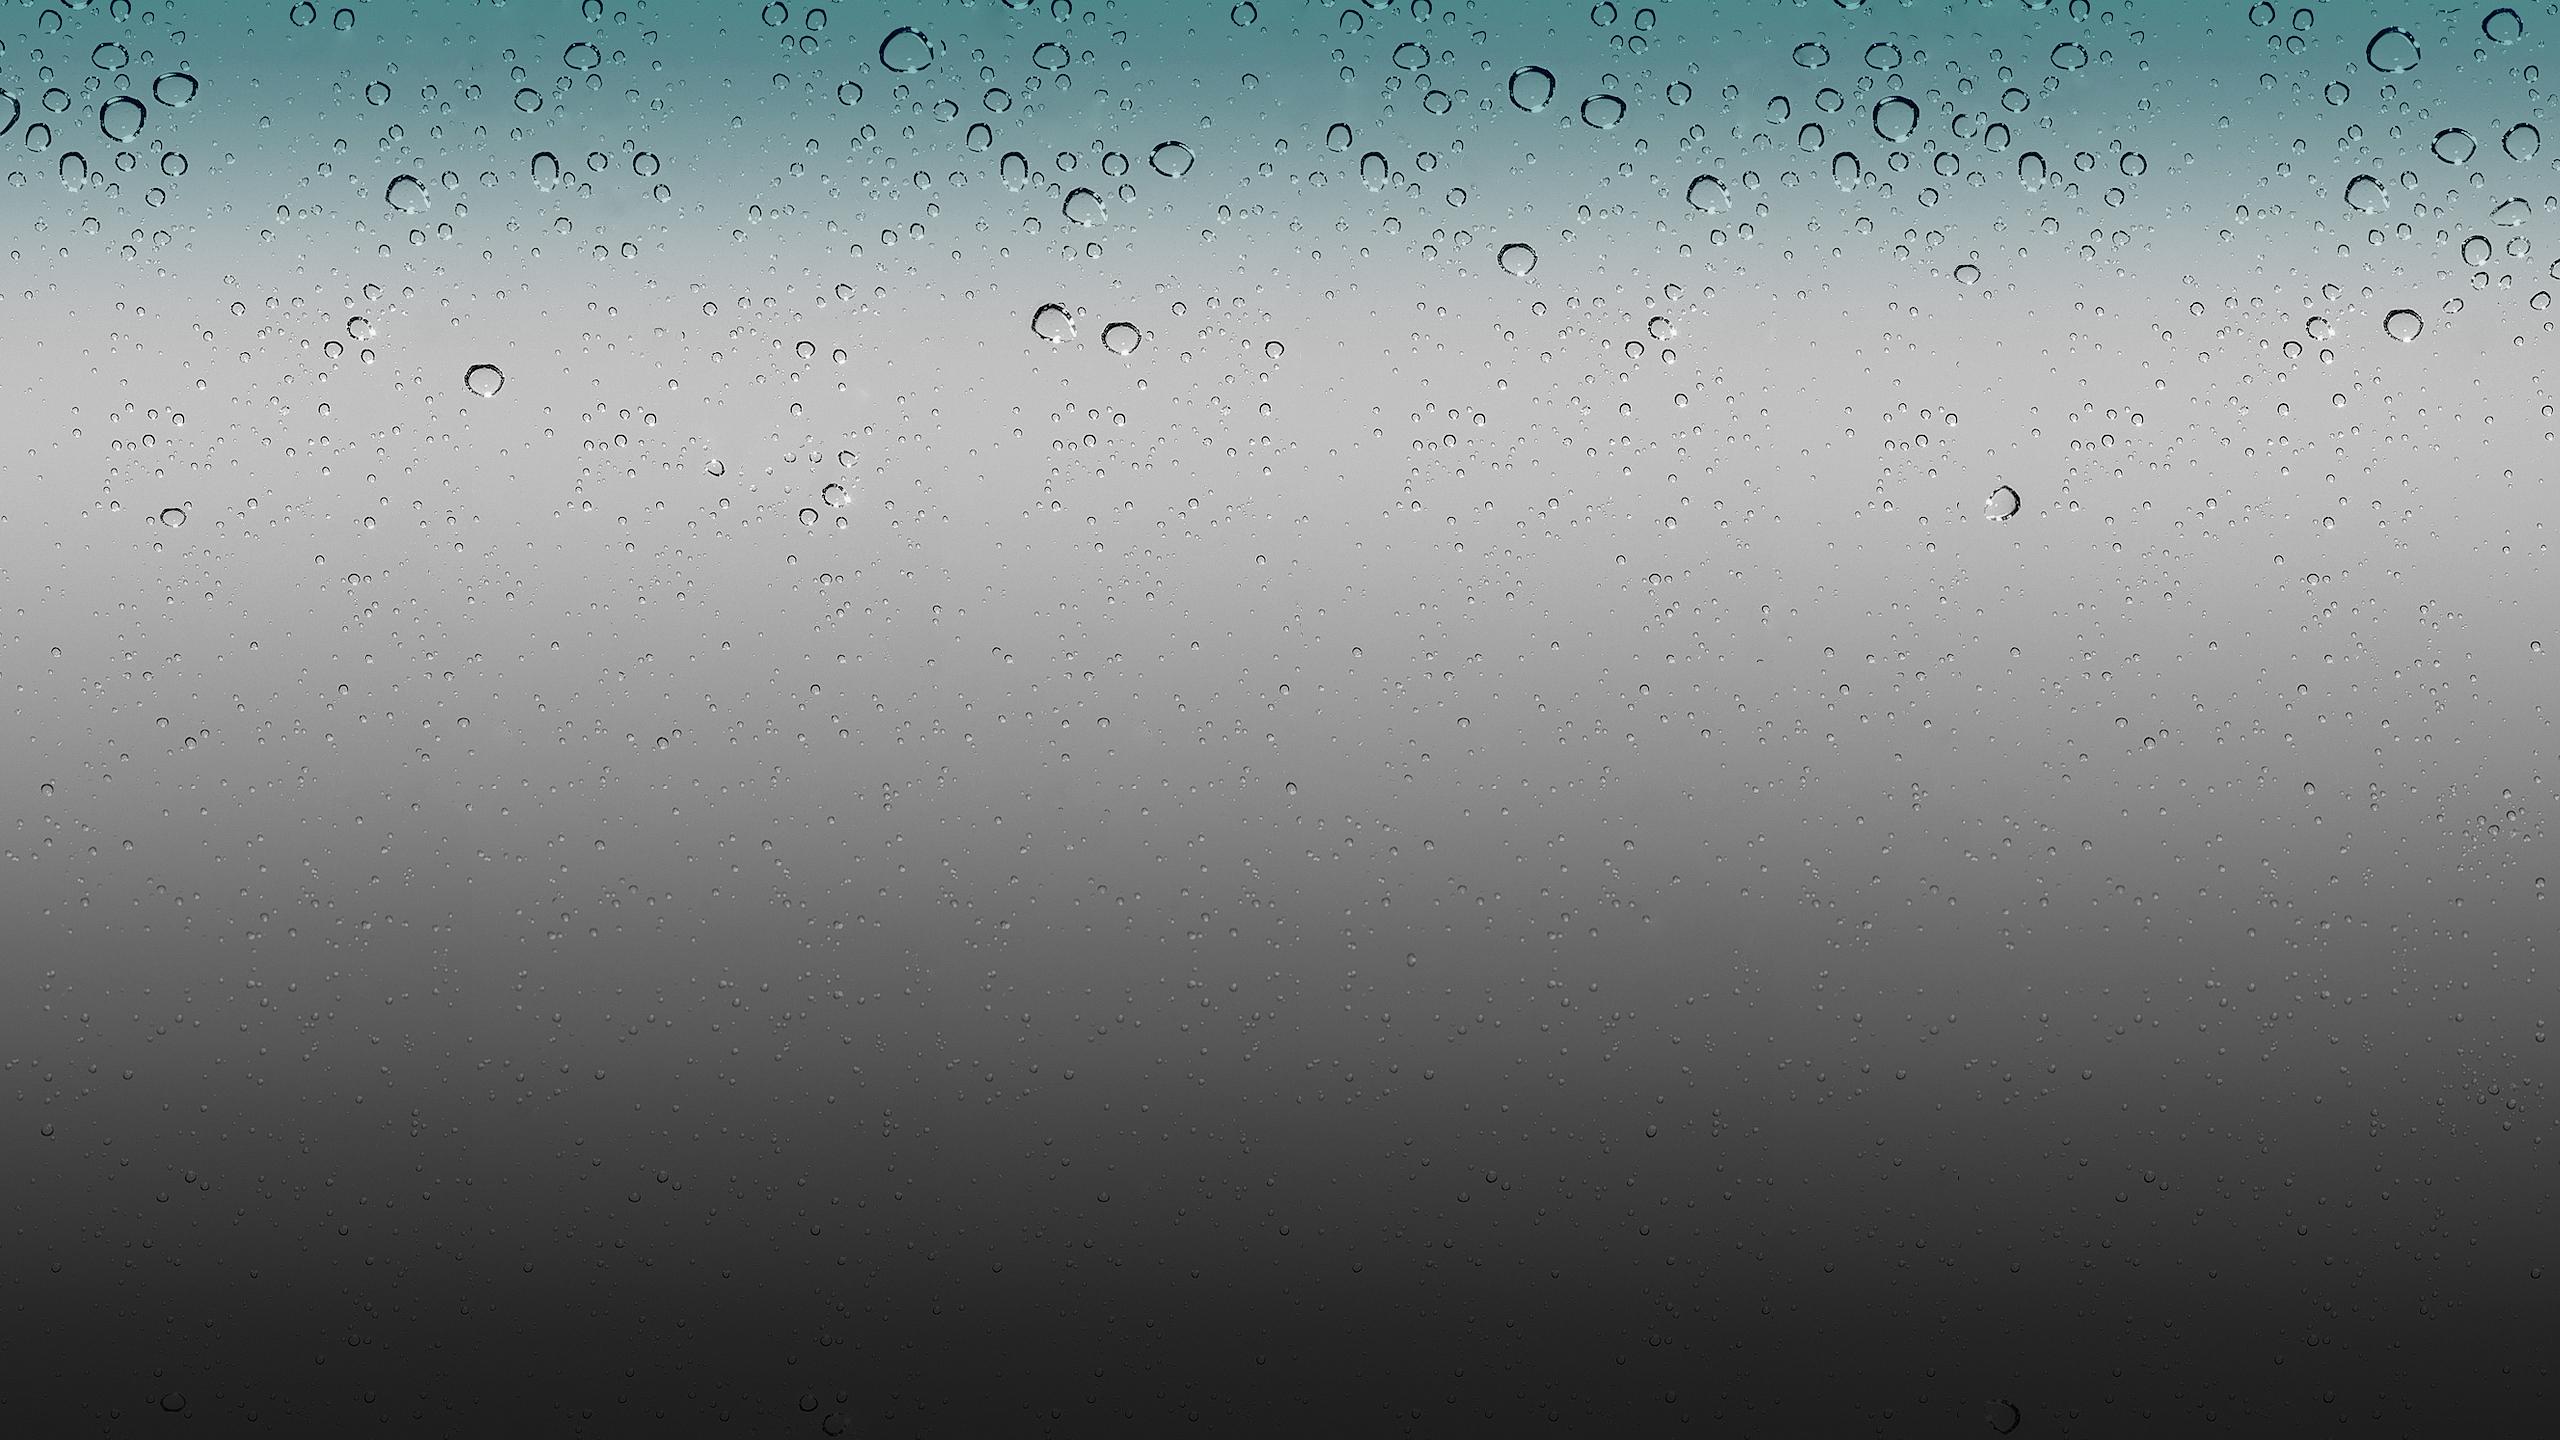 IOS Rain Drops Wallpaper HD By Airplane by 0BurN0